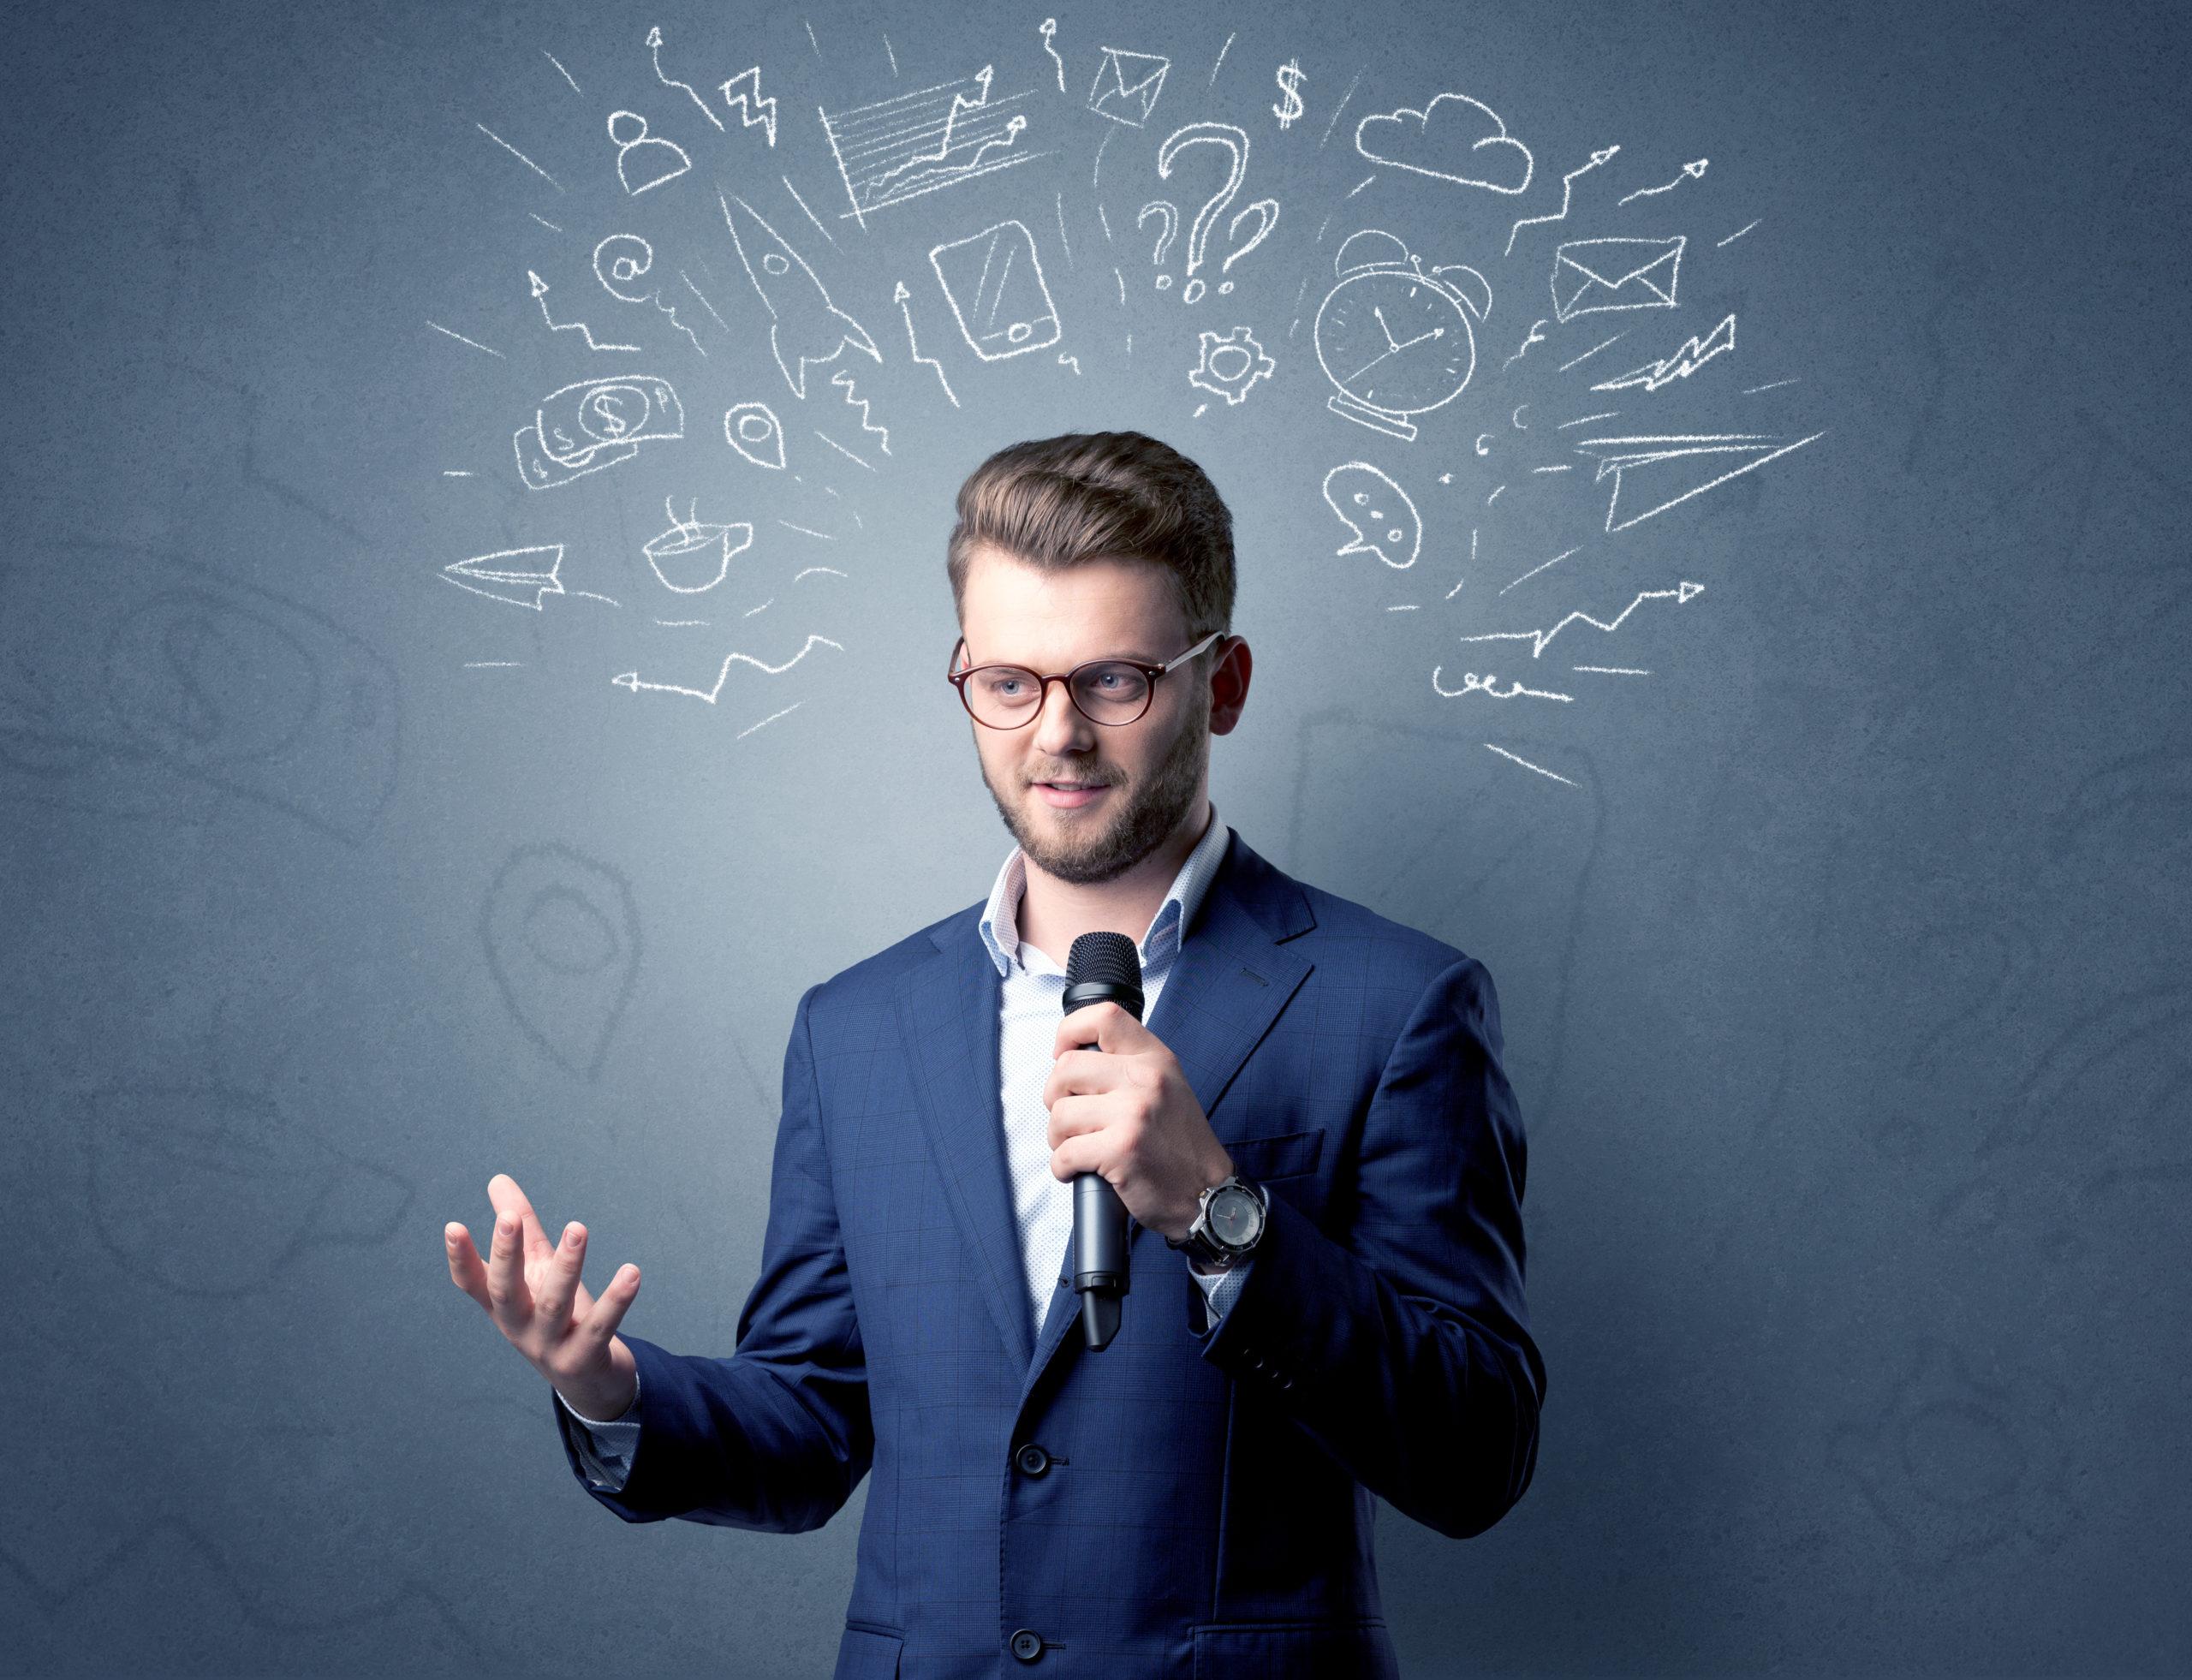 Jak obniżyć głos? – trening emisji głosu i poprawnej wymowy